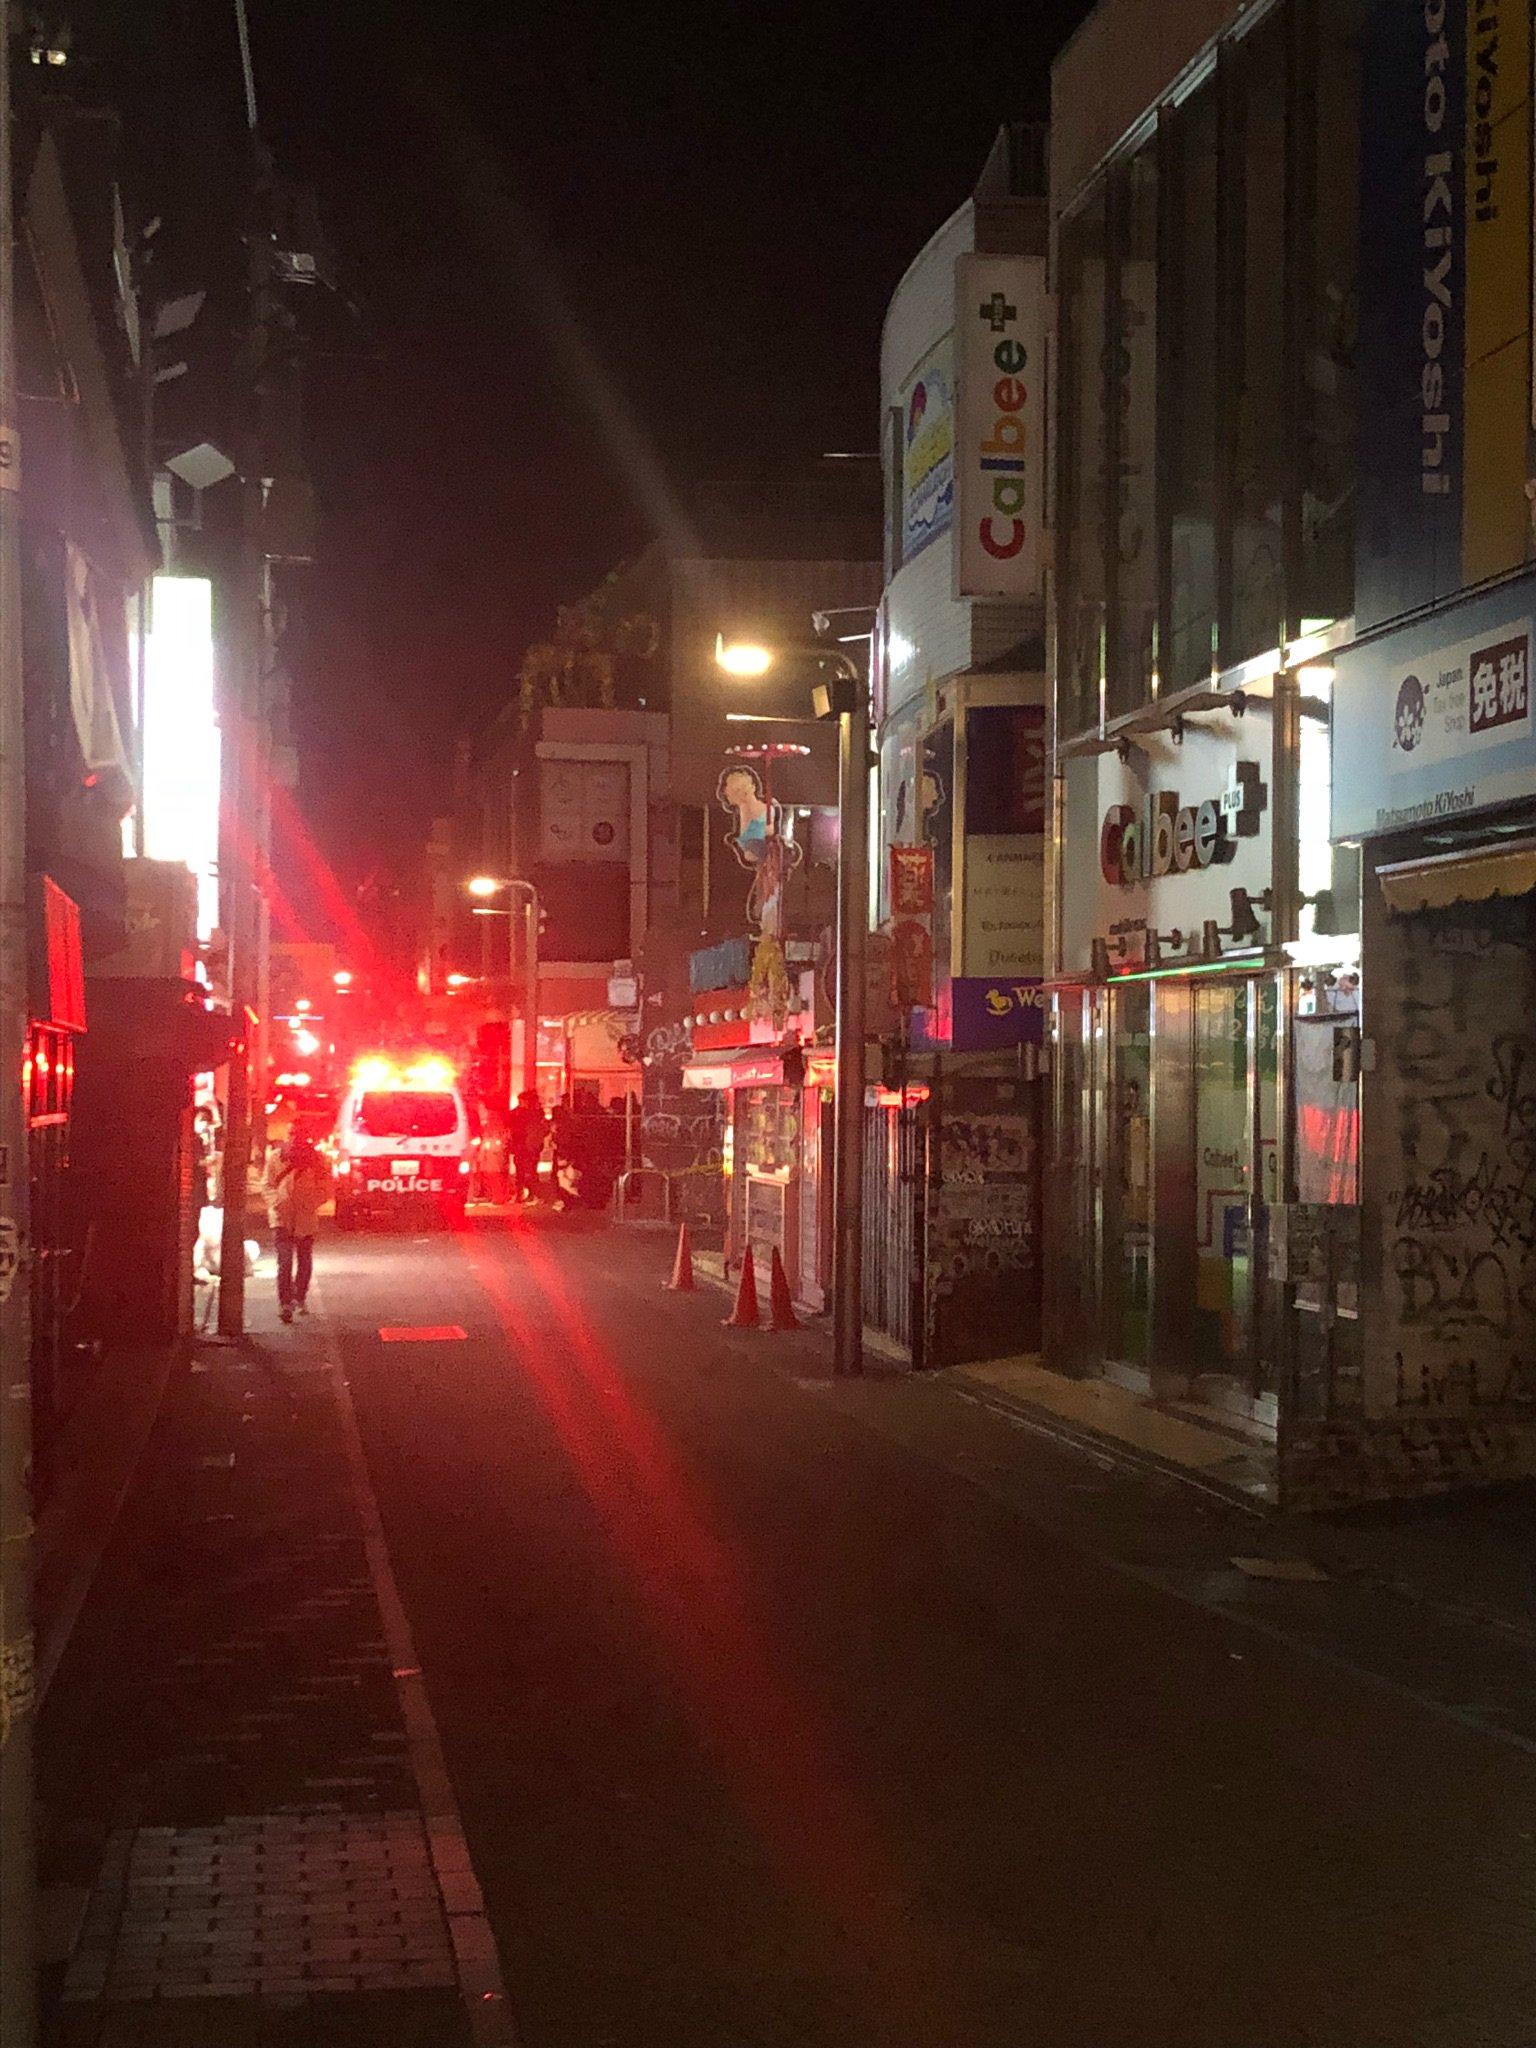 画像,竹下通りが事件発生で閉鎖中なう https://t.co/H3MVLGhwkd。